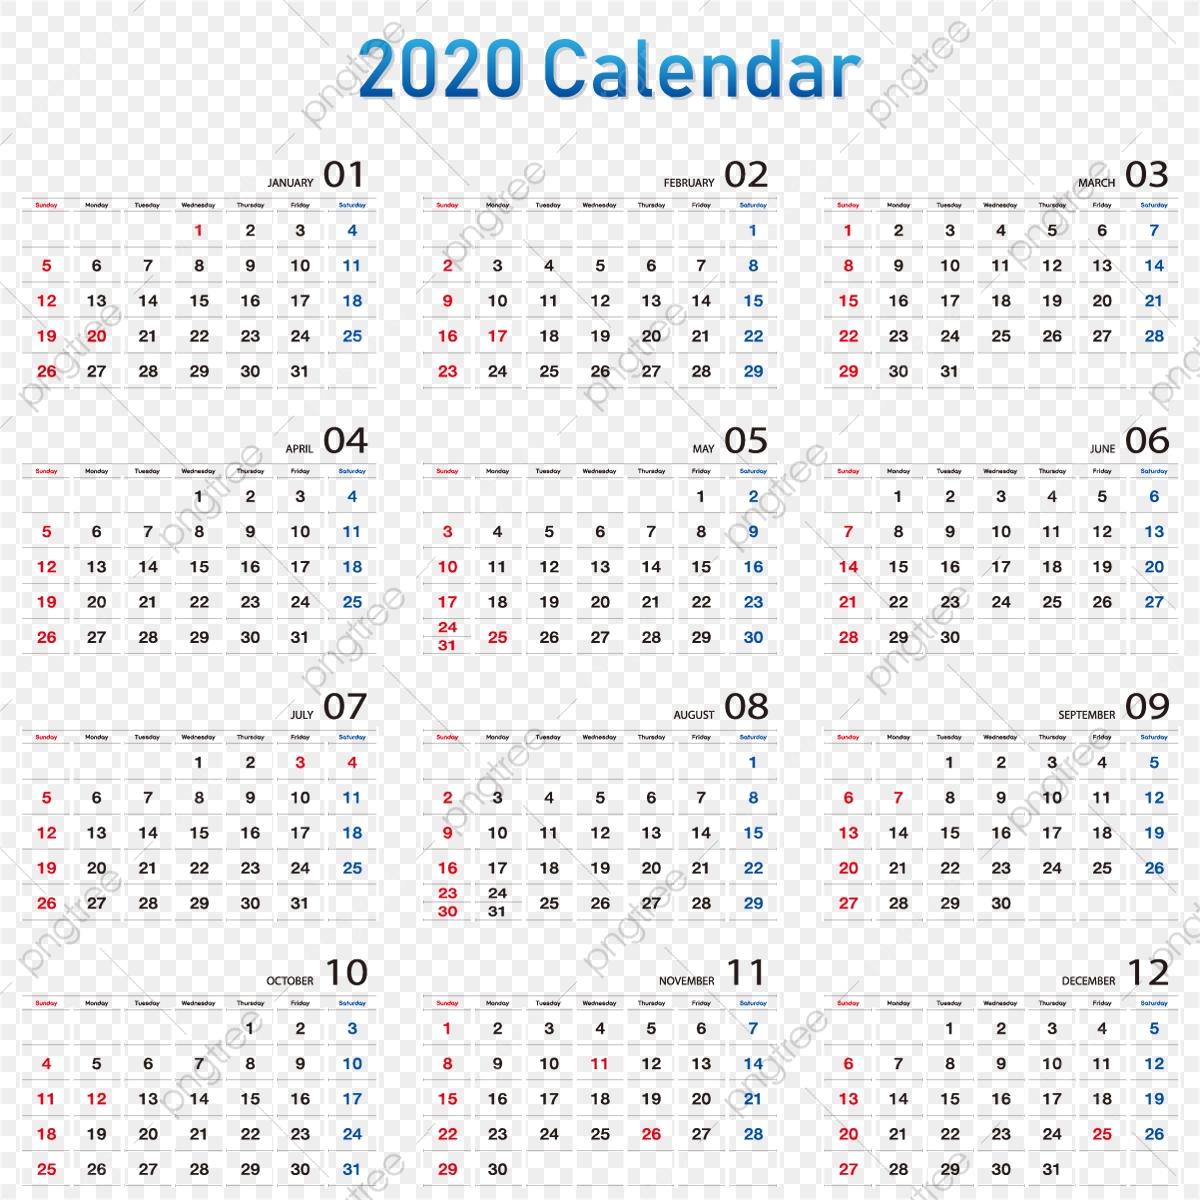 Calendar 2020 2020 Calendar, Date, Calendar, Week Png And